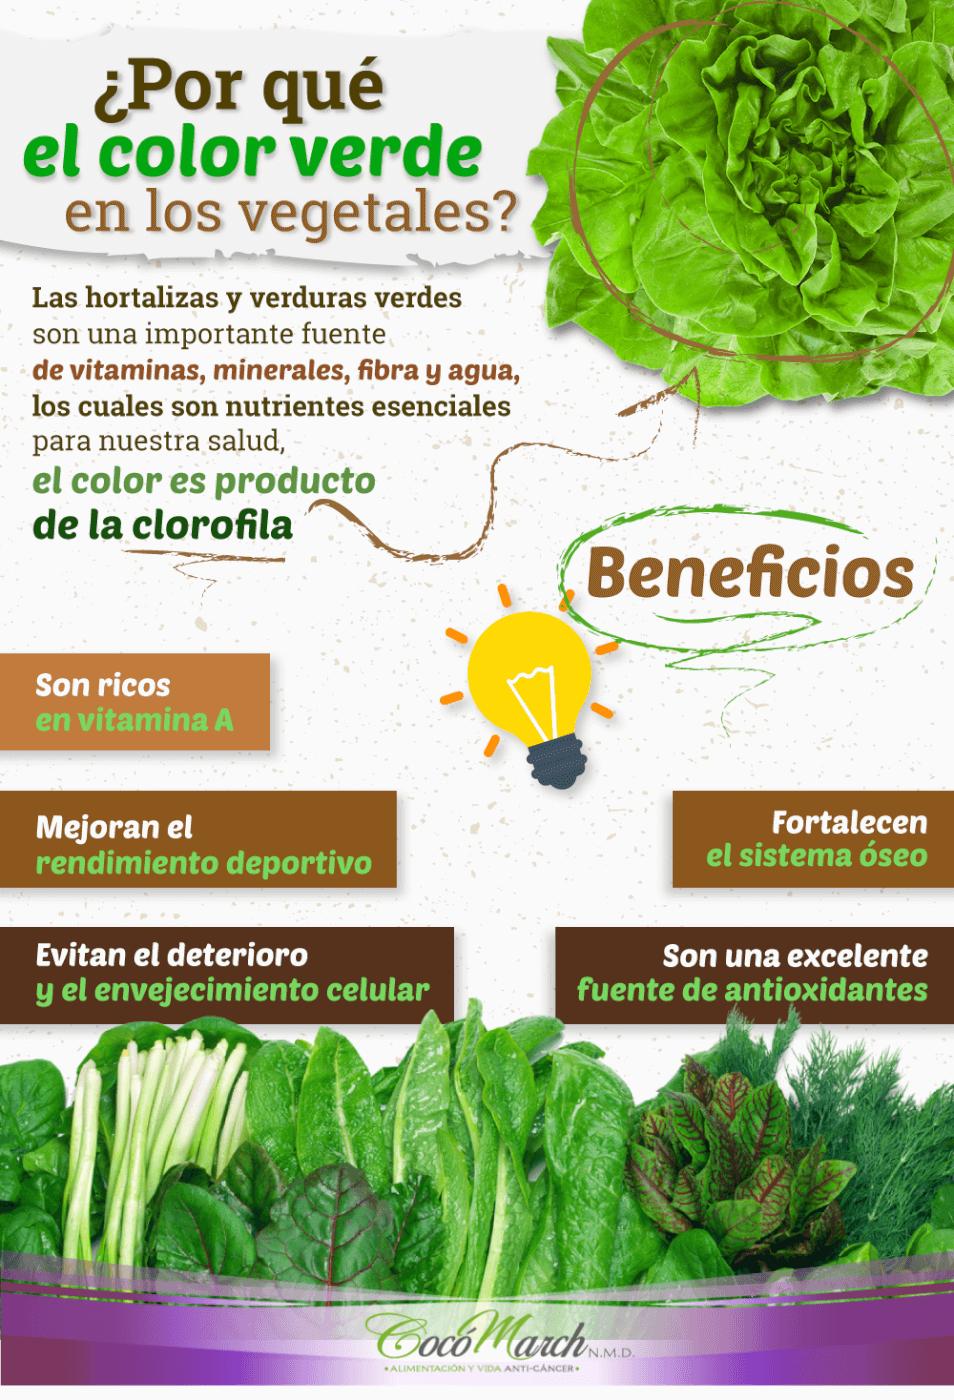 por-qué-el-color-verde-en-los-vegetales